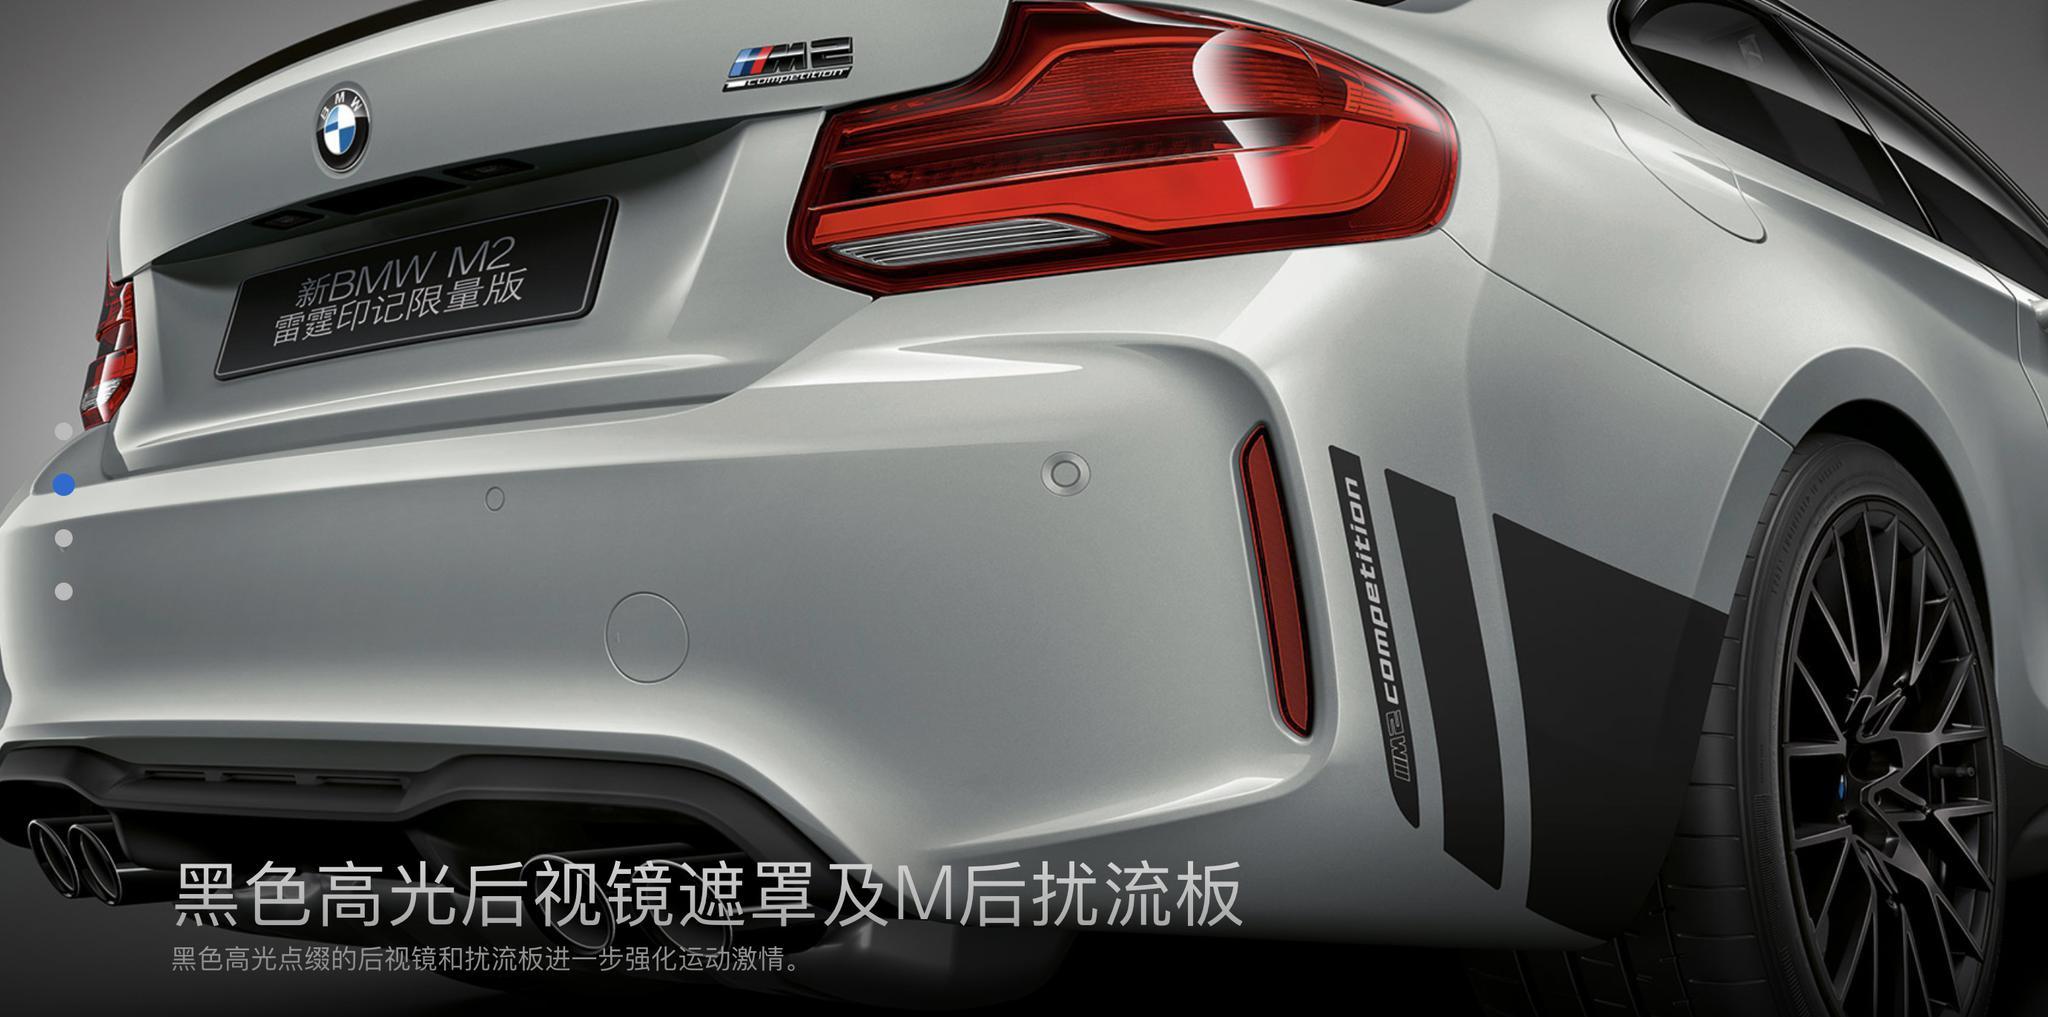 宝马M2雷霆印记限量版上市 售价64.38万元